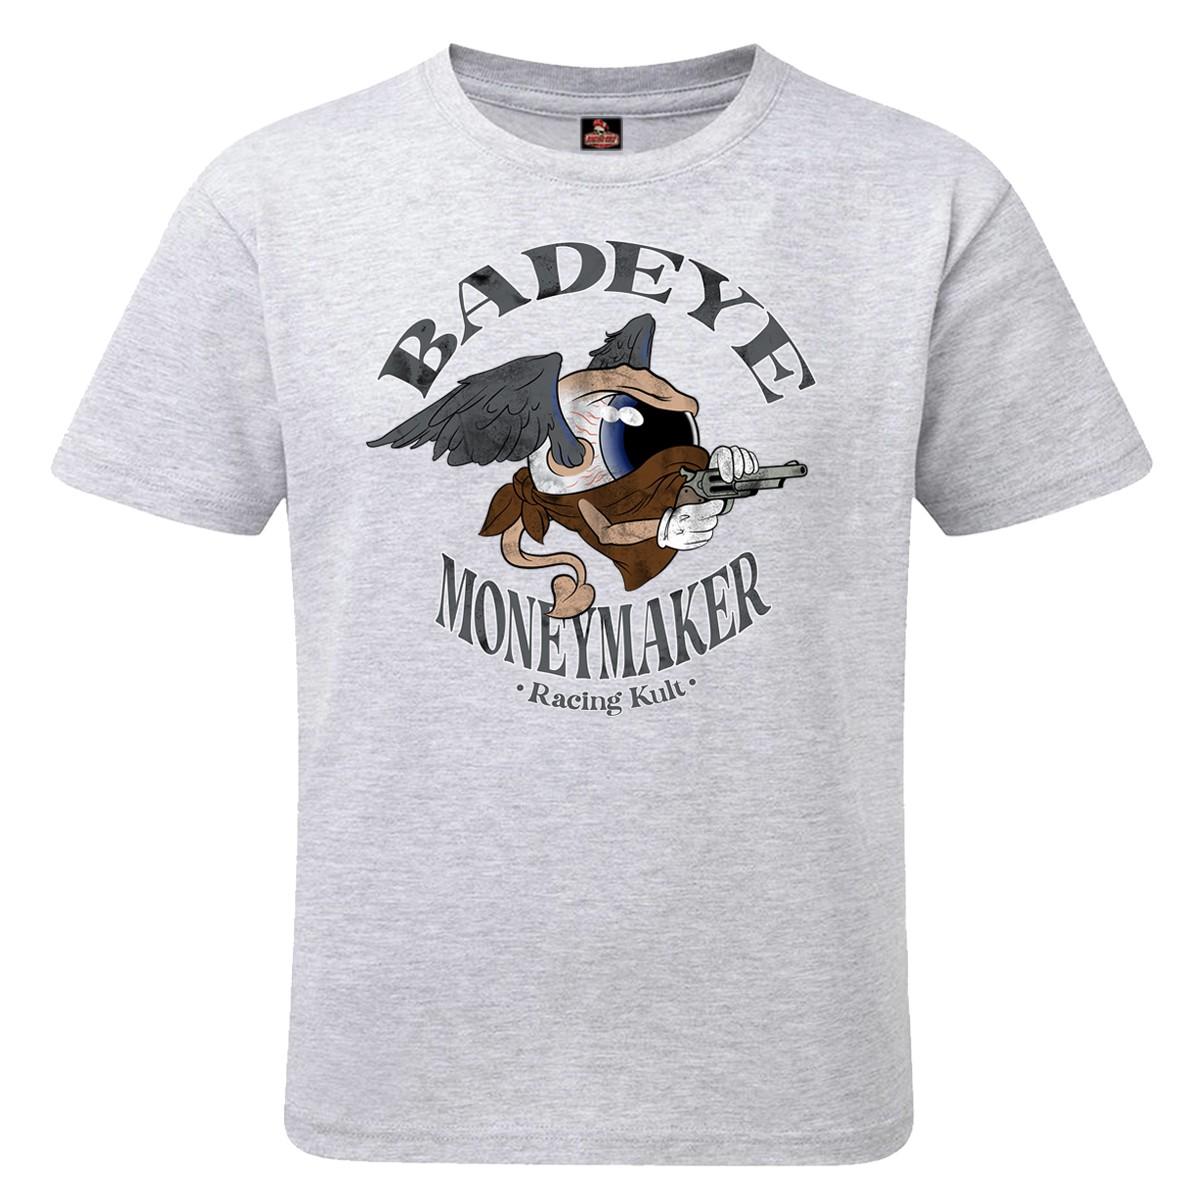 Racing Kult Unisex Kinder T-Shirt Moneymaker Grau Meliert